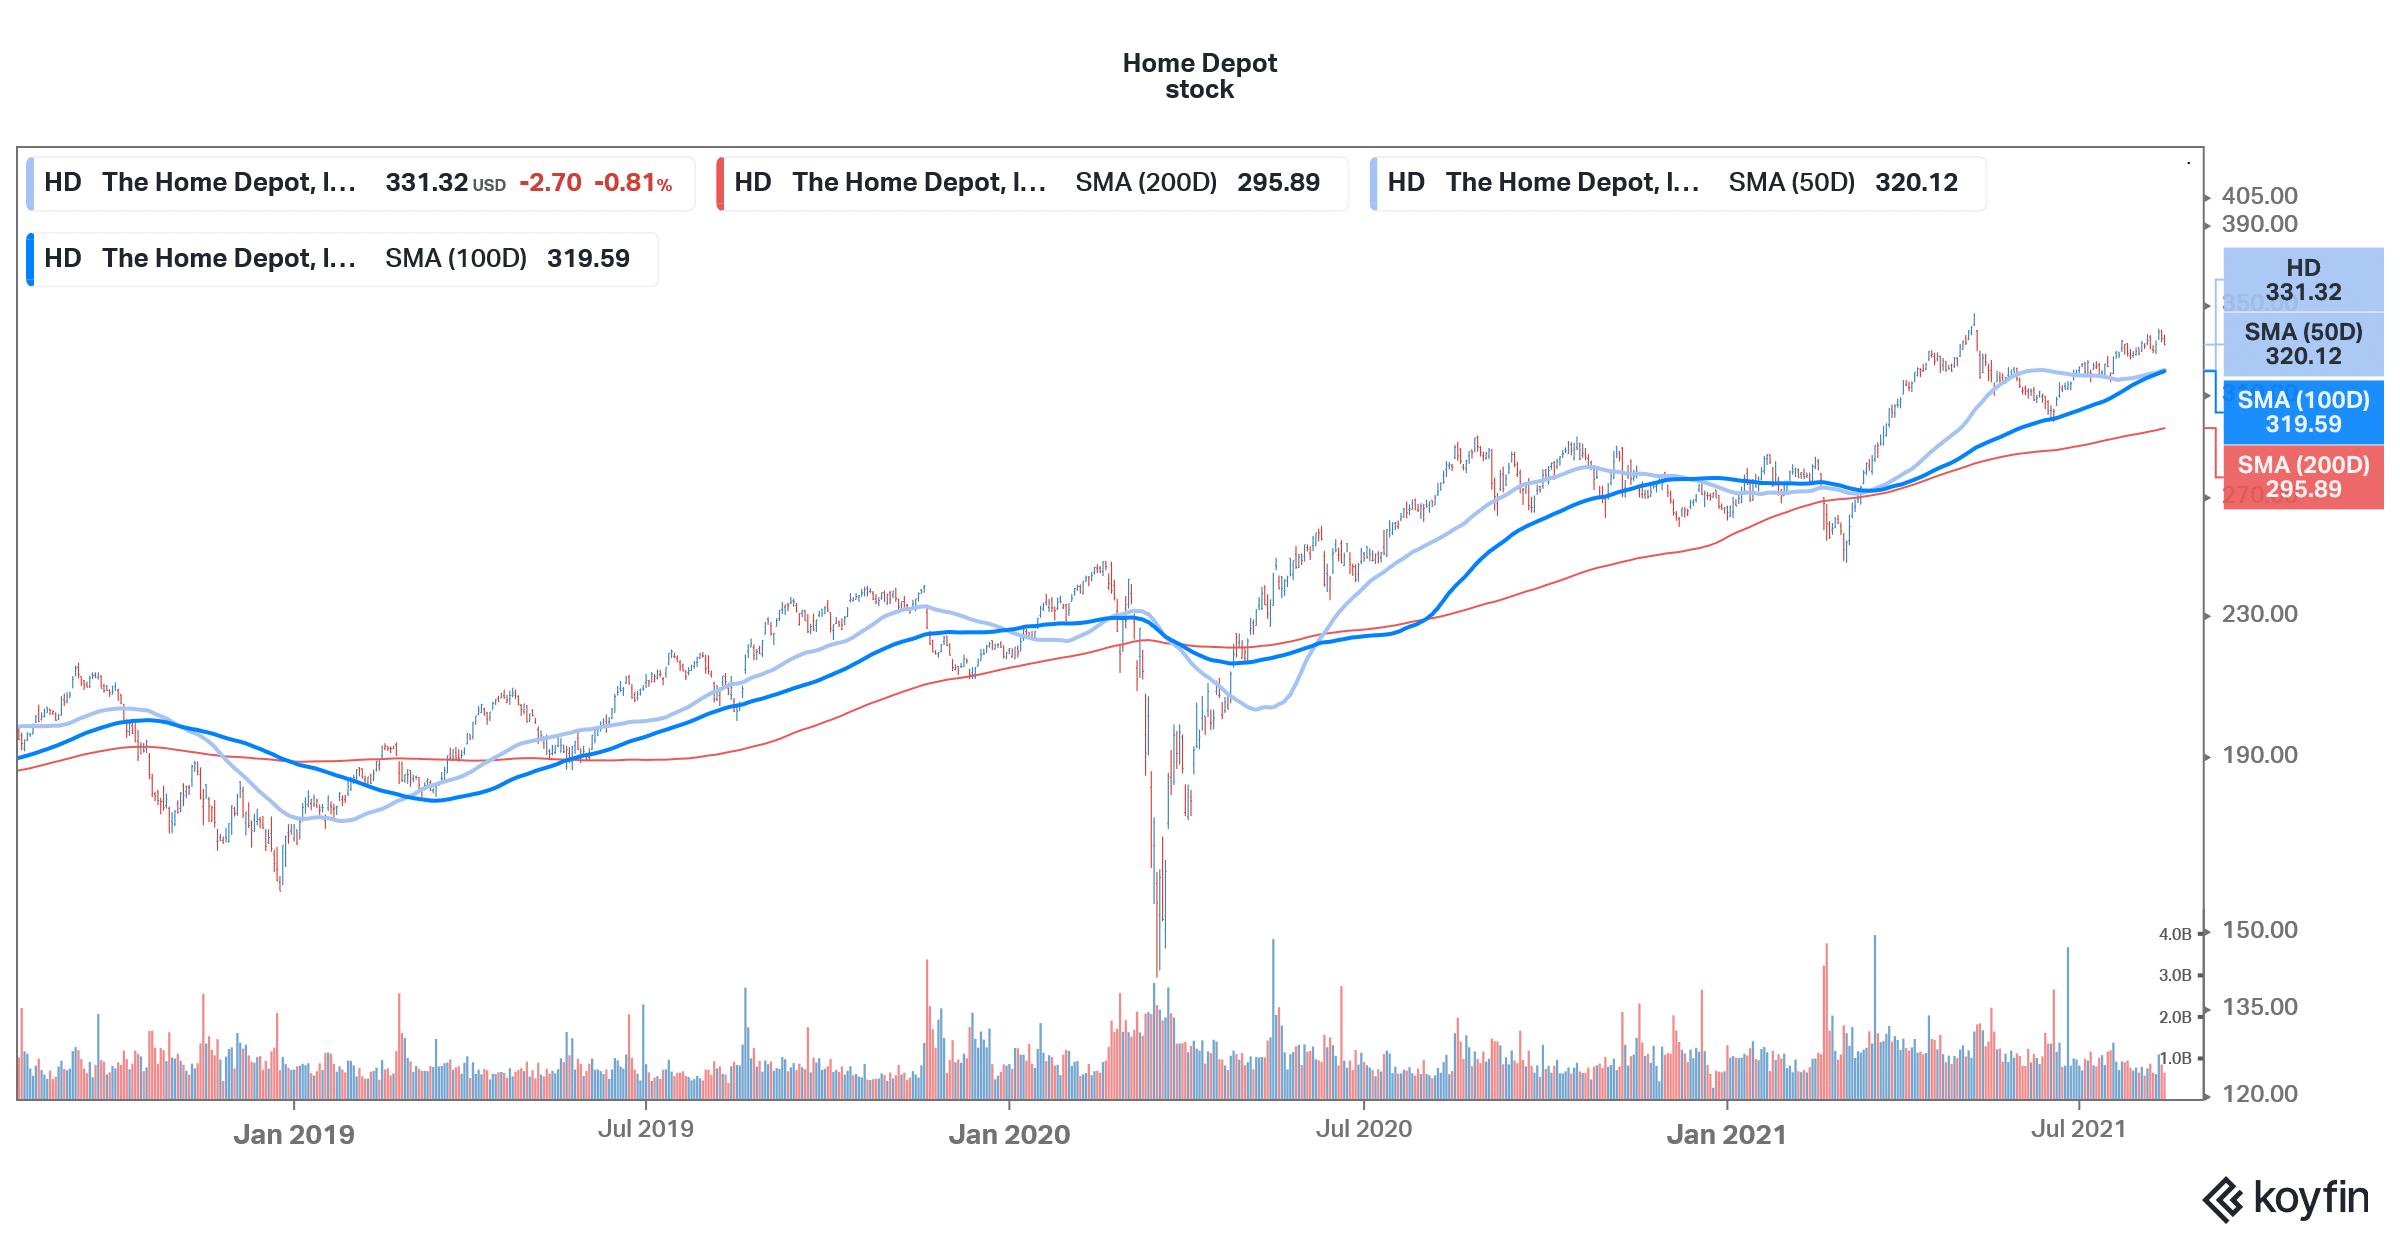 retail stocks to buy